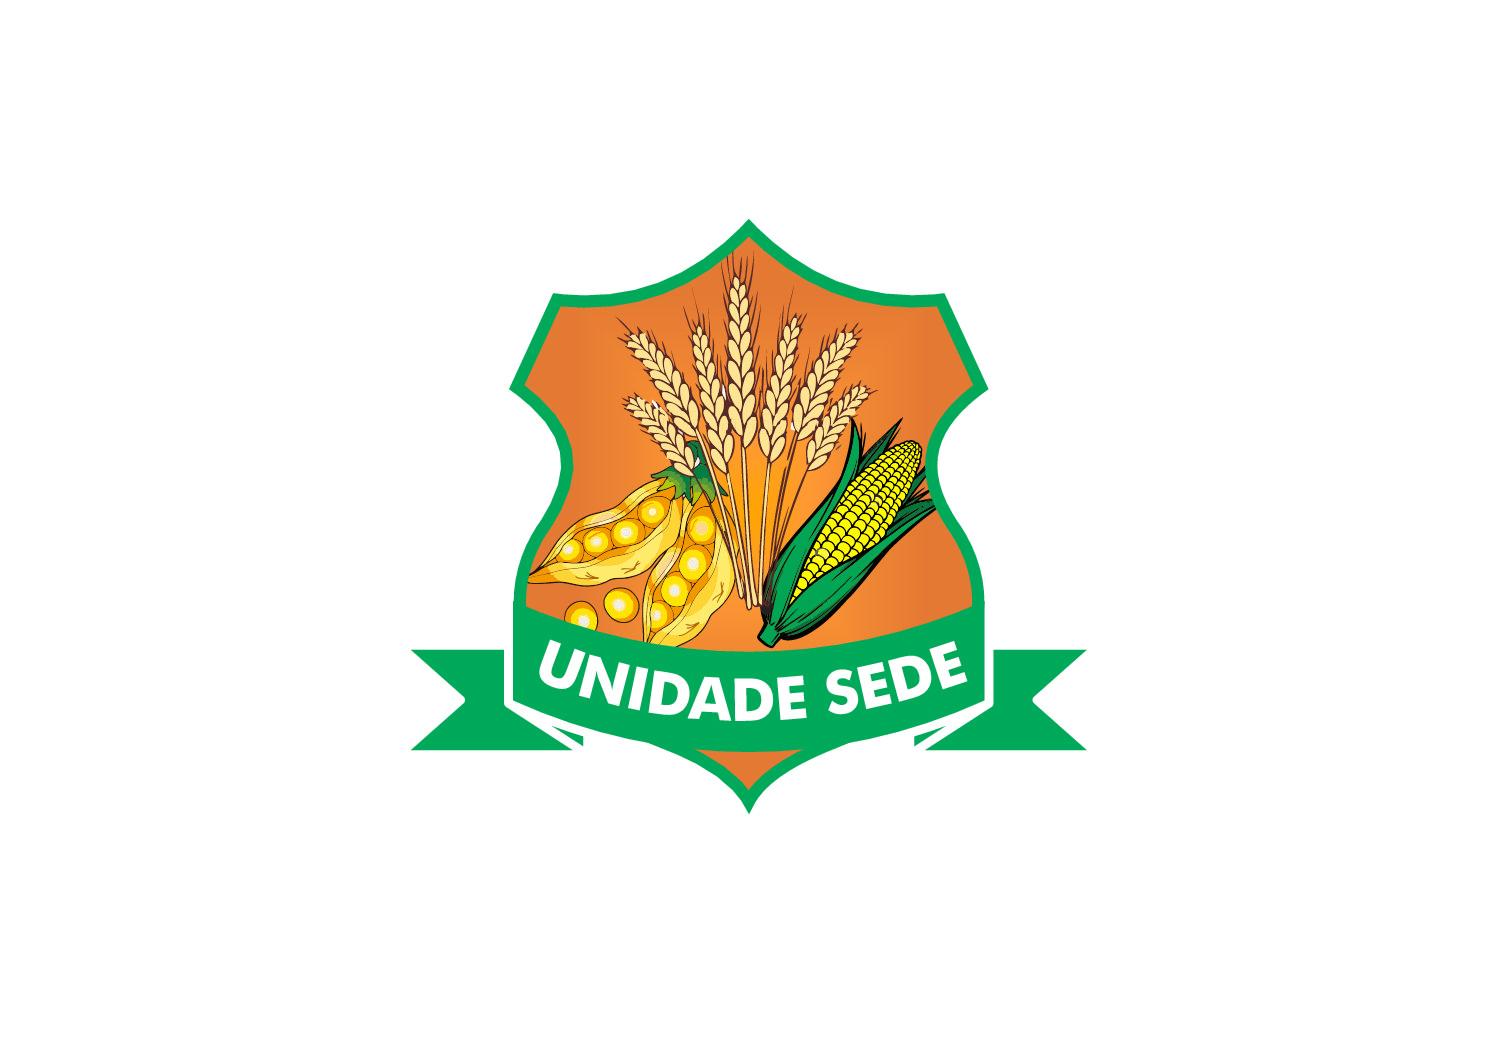 FARDAMENTOS PERSONALIZADOS PARA EQUIPE DO BALCÃO UNIDADE SEDE DA COTRIBÁ DA CIDADE DE IBIRUBÁ/RS.